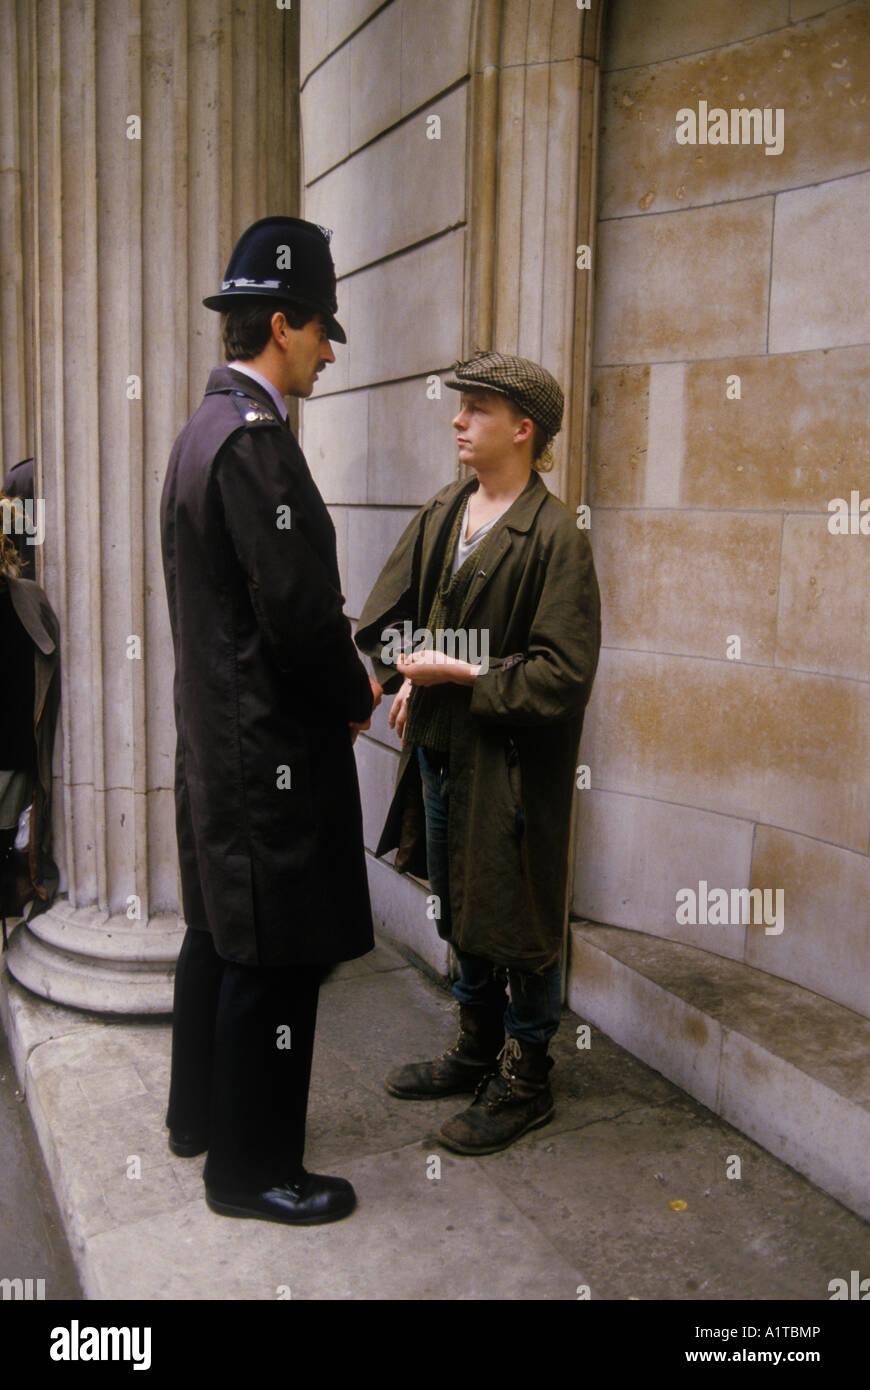 Arrêter la ville Démonstration Démonstration contre le capitalisme City de Londres Angleterre 1984. Photo Stock